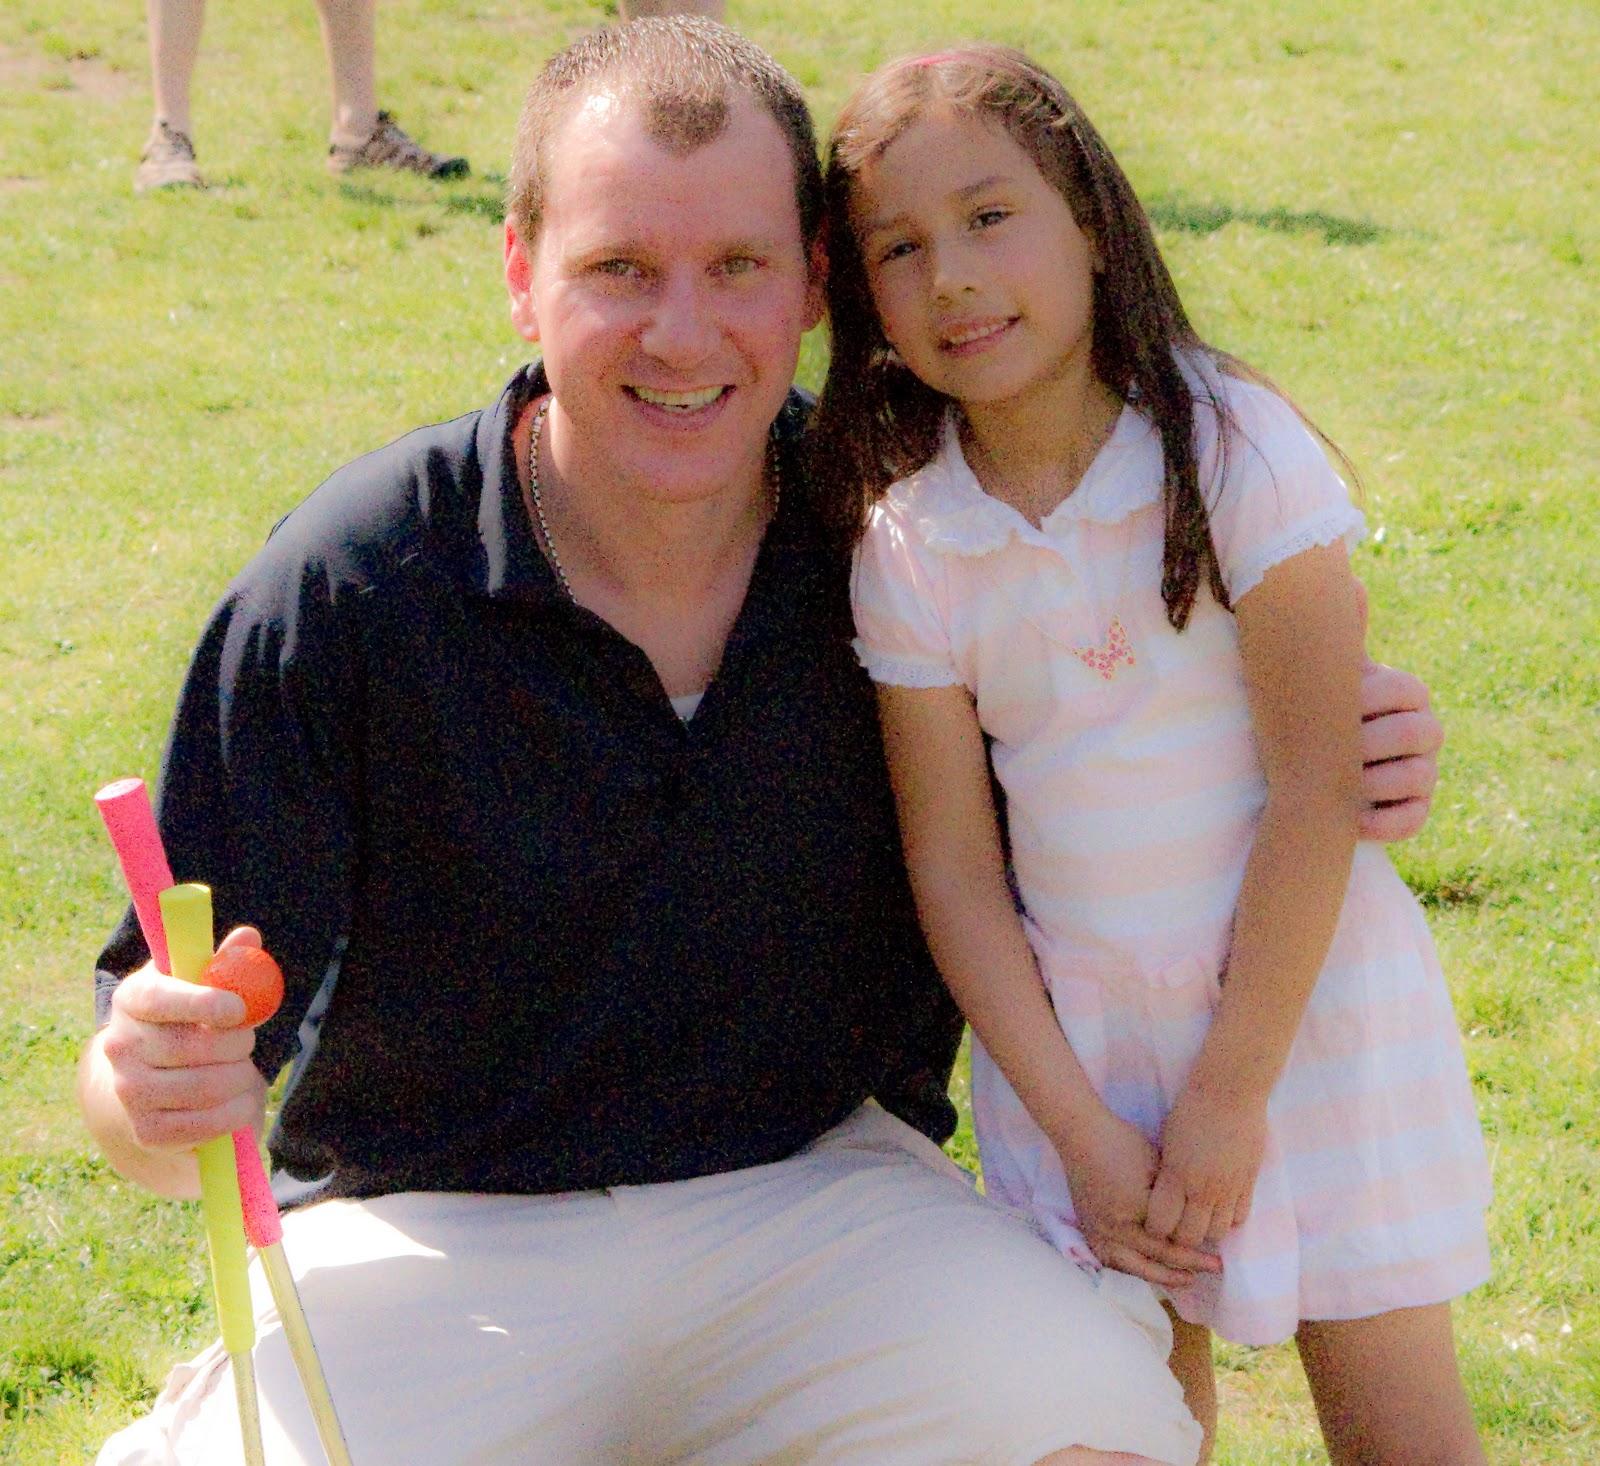 http://4.bp.blogspot.com/_gb_aU0ucZ14/TJ_PE8i0AzI/AAAAAAAACps/aysDccICYDA/s1600/Jamie+Cryan+and+daughter-2.jpg